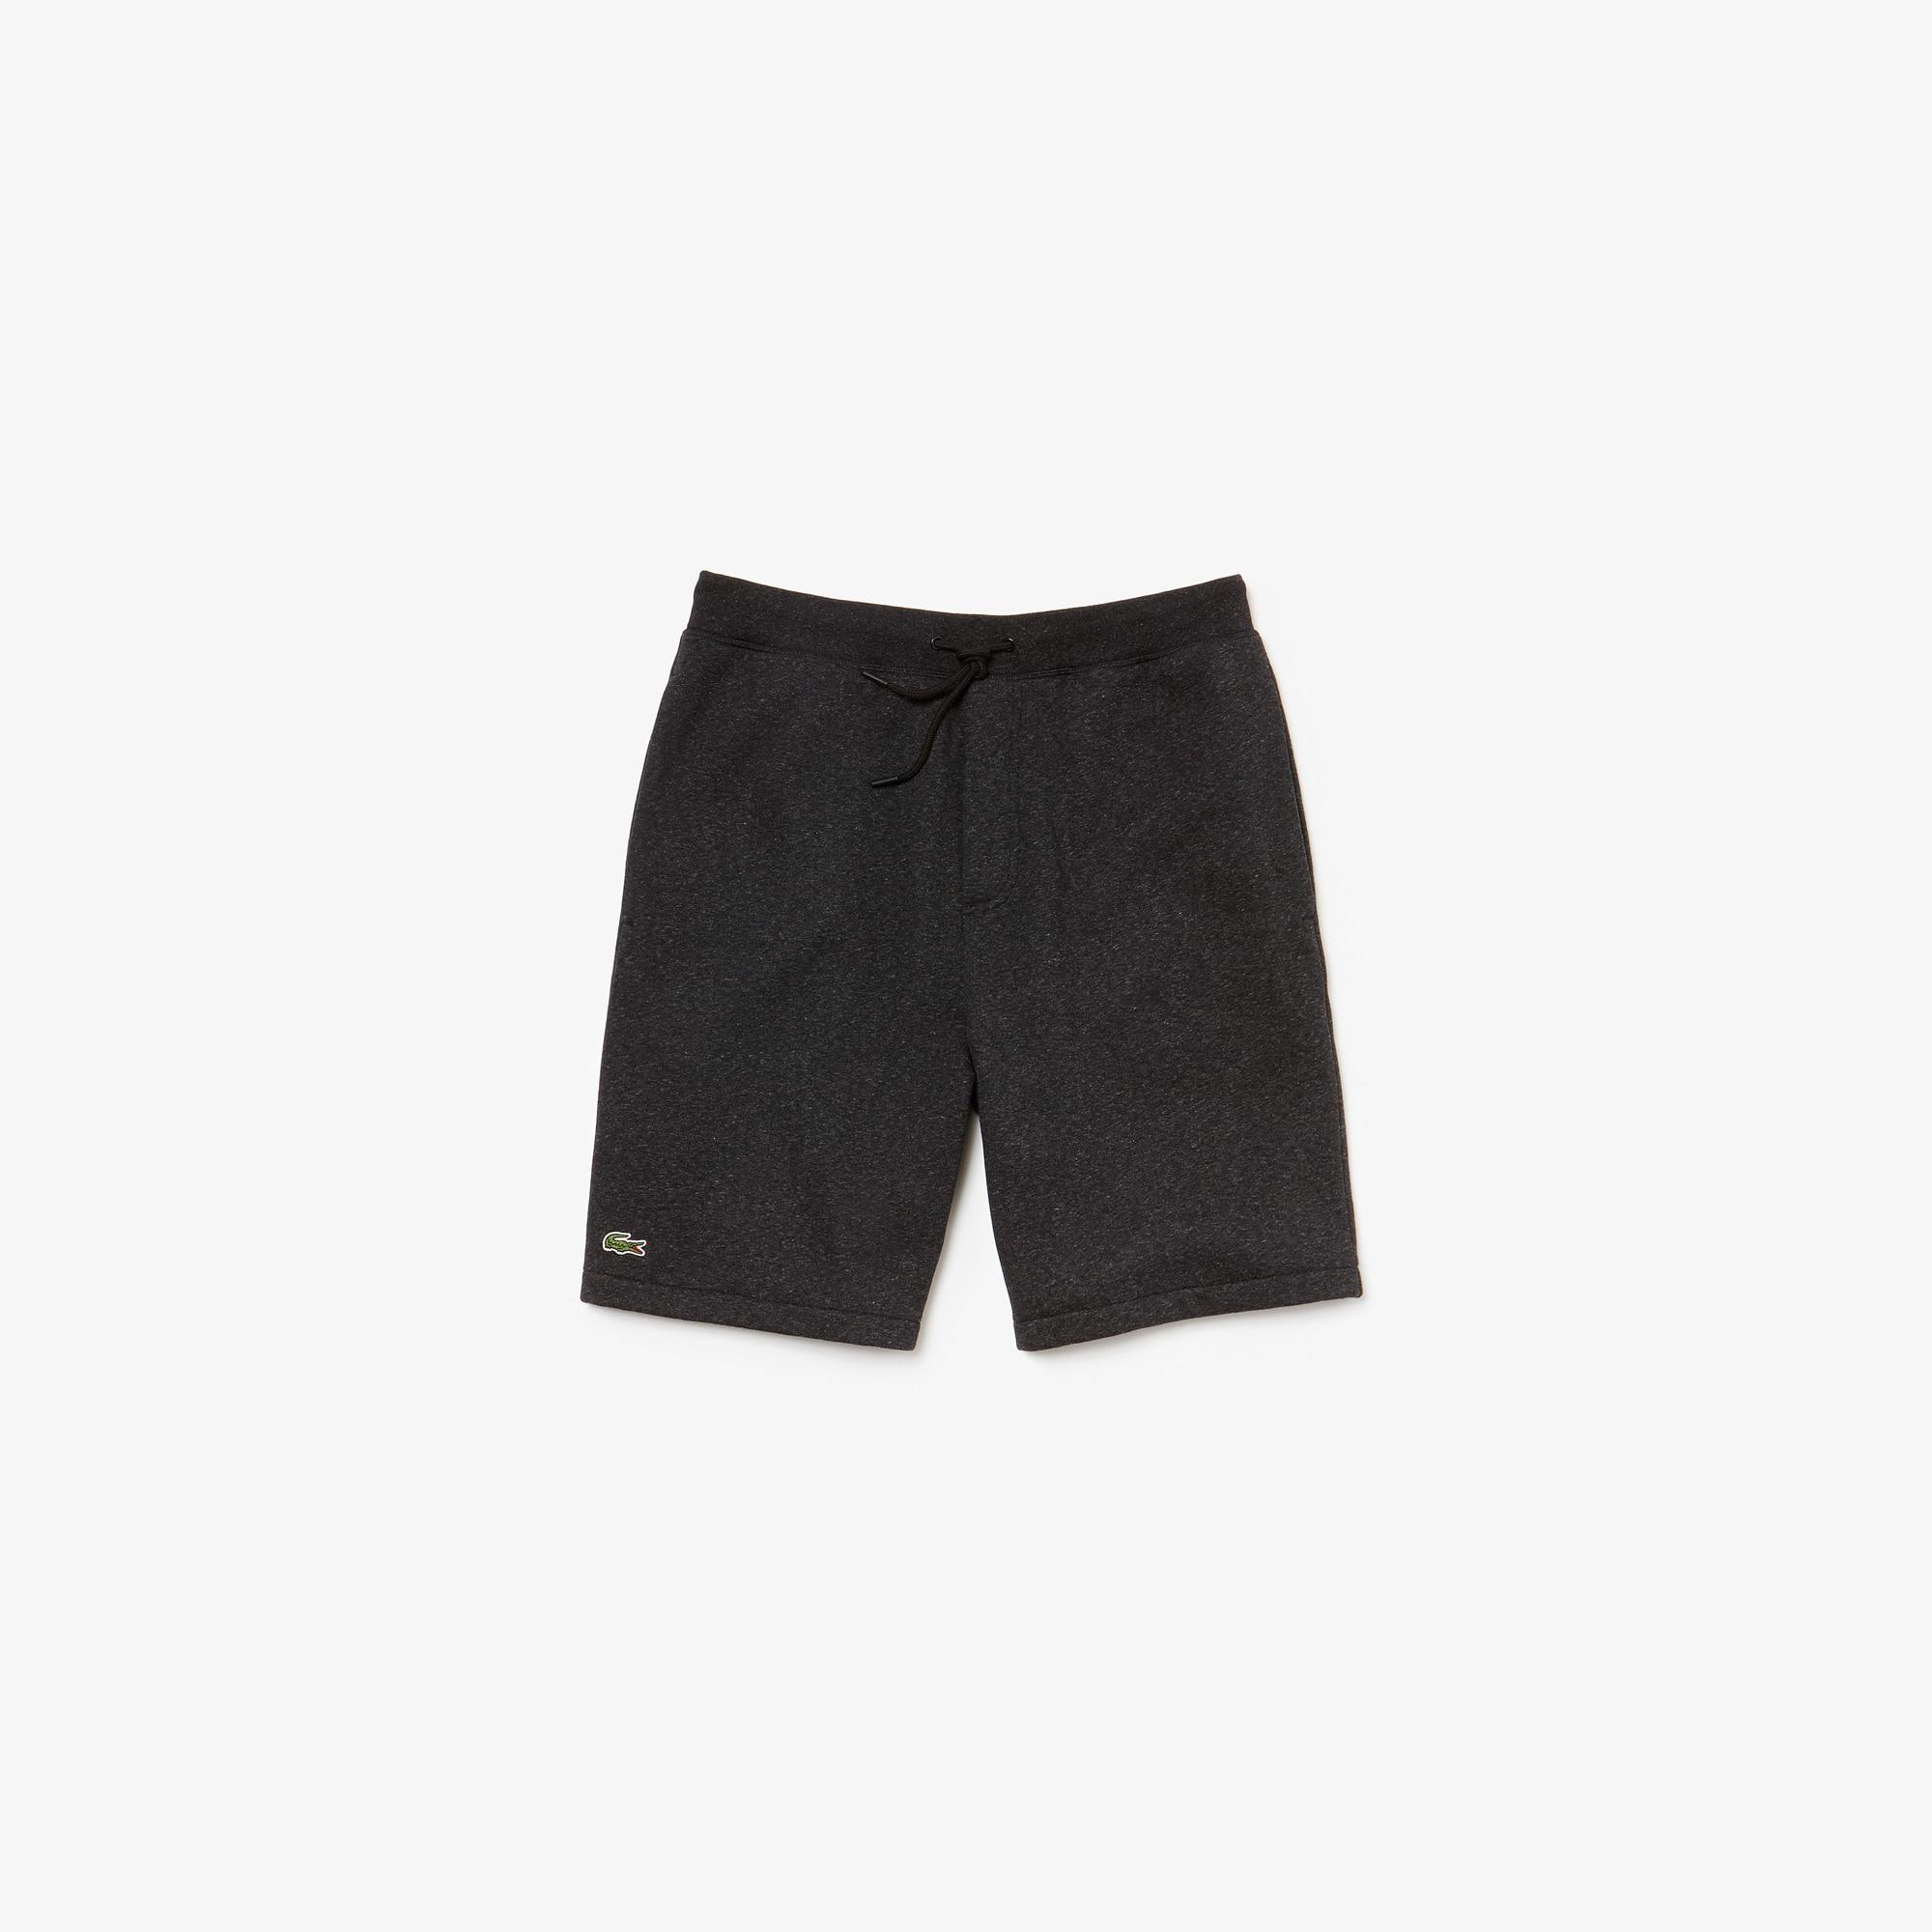 라코스테 스포츠 플리스 반바지 Lacoste Mens SPORT Fleece Shorts,Black / Black